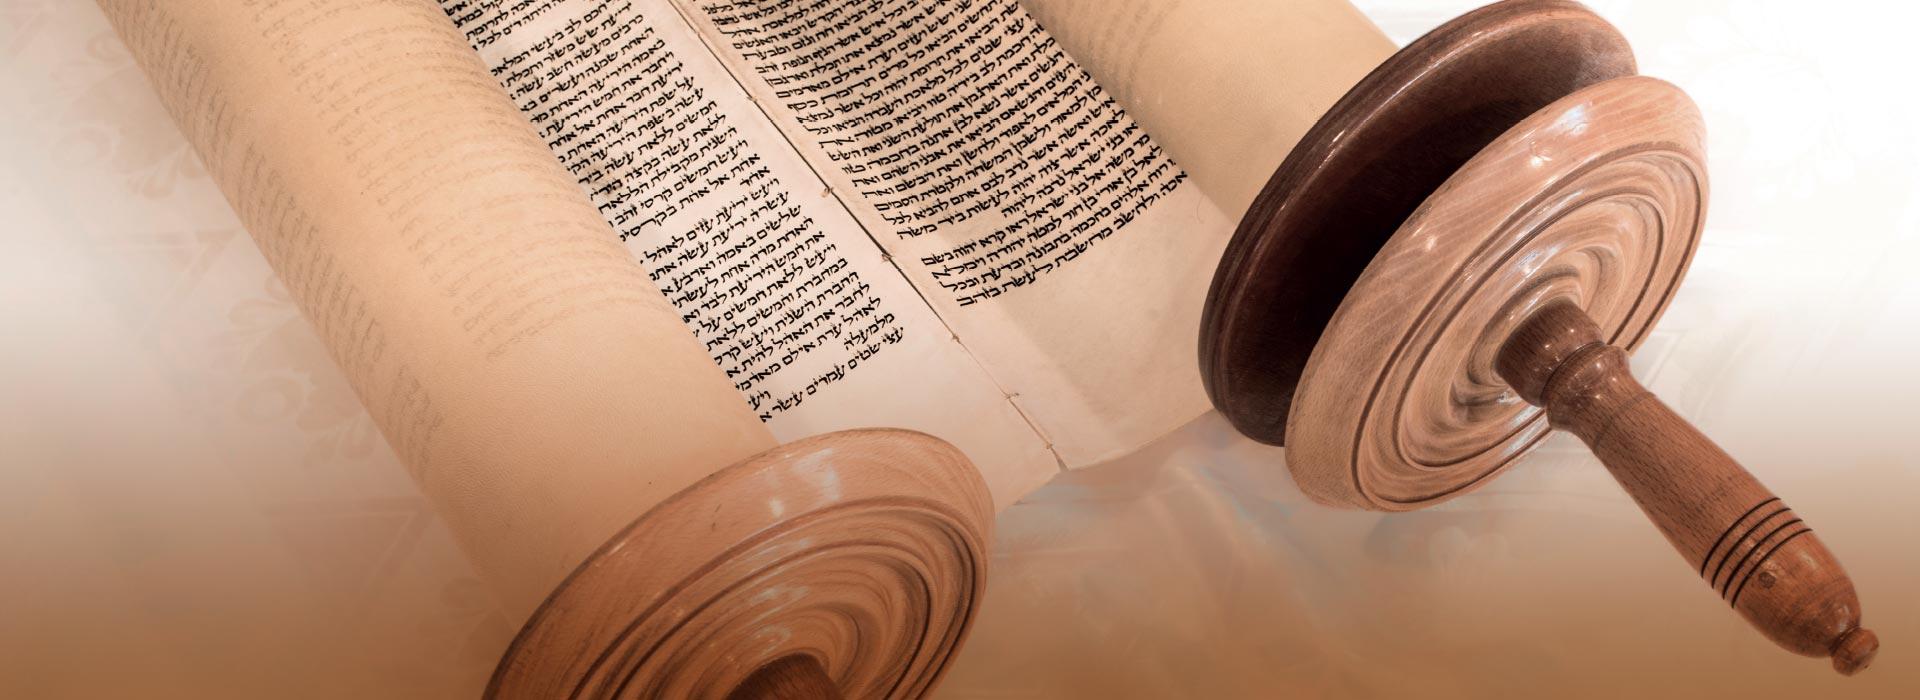 O Messias Realmente é o Alvo da Torá?